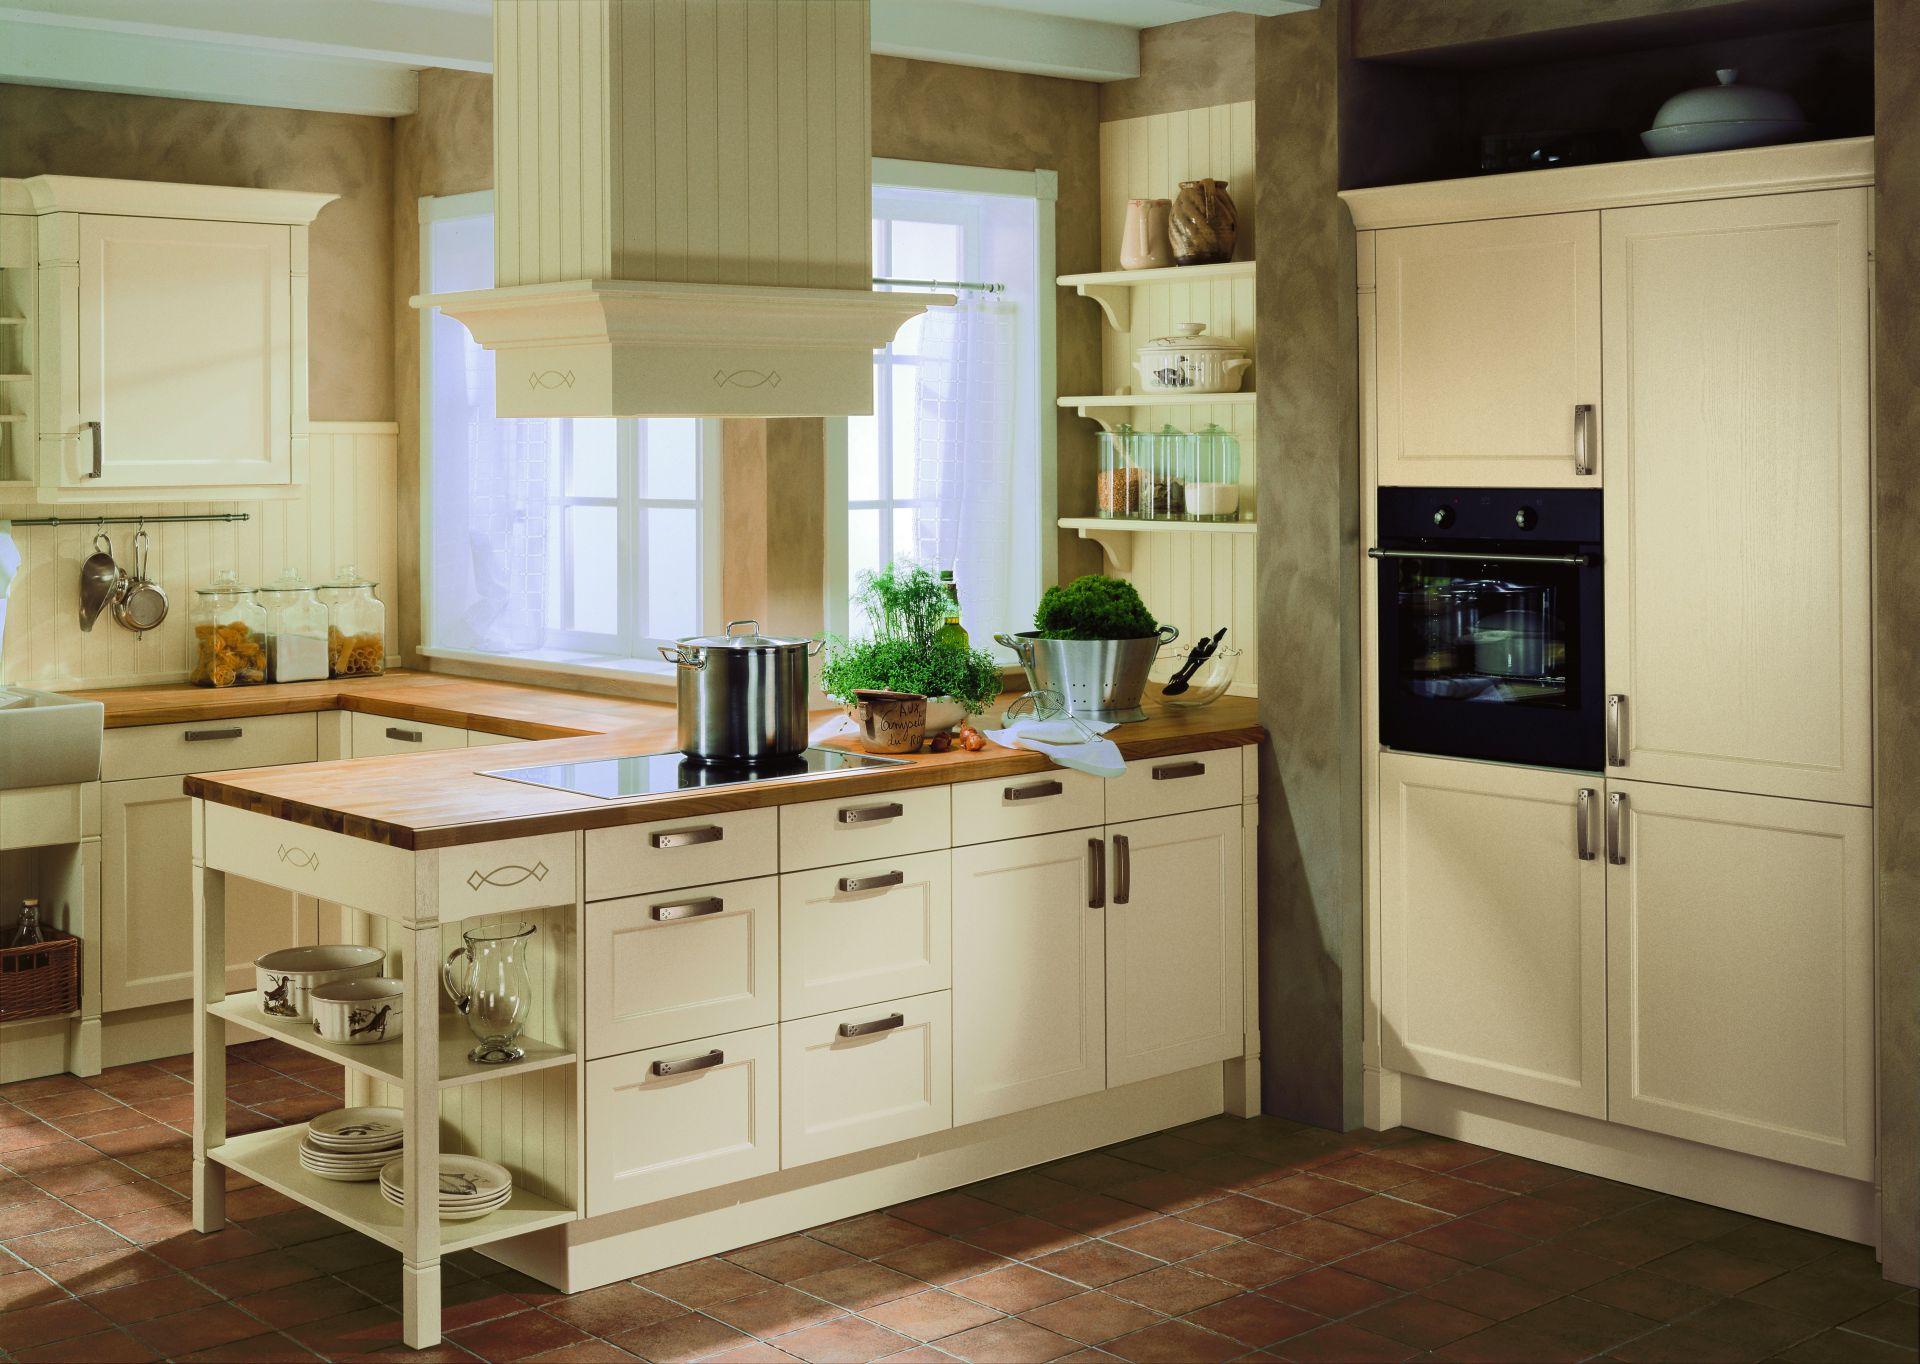 Keuken Riviera Maison : Klassieke keukens vindt u in Friesland bij Huizenga Keukenstyle